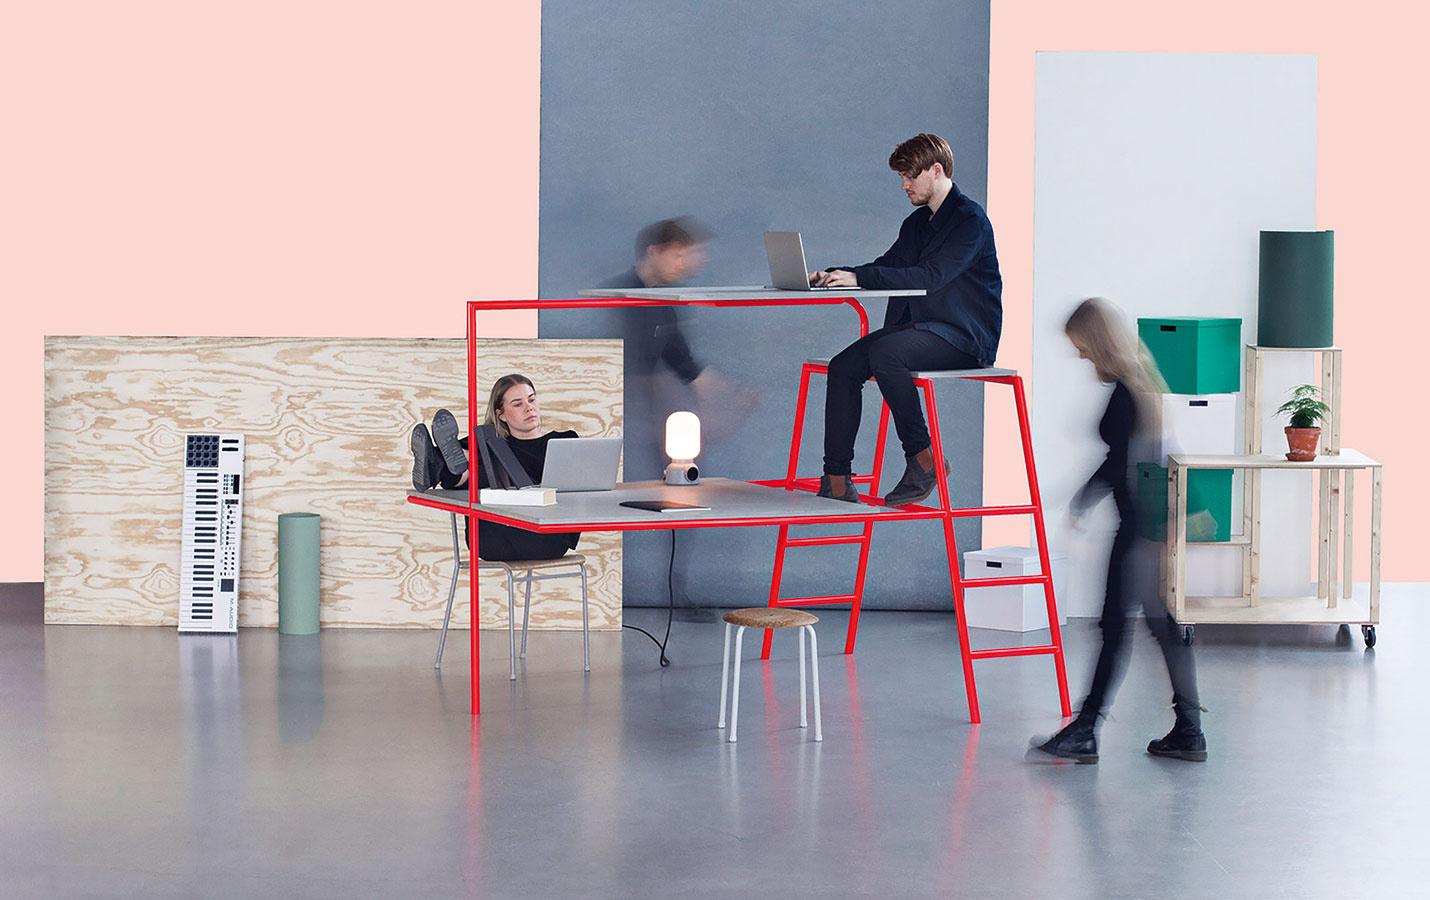 Pracovisko a homeoffice sa ako jedna z hlavných tém rozoberali najmä z hľadiska spojenia s bývaním a psychohygieny. Študenti Univerzity v Lunde v spolupráci s dizajnérom Stefanom Diezom a zakladateľom značky HAY Rolfom Hayom vypracovali hneď niekoľko experimentálnych konceptov multifunkčného nábytku na prácu, spánok, bývanie, do spoločenských miestností a s mnohými inými funkciami.